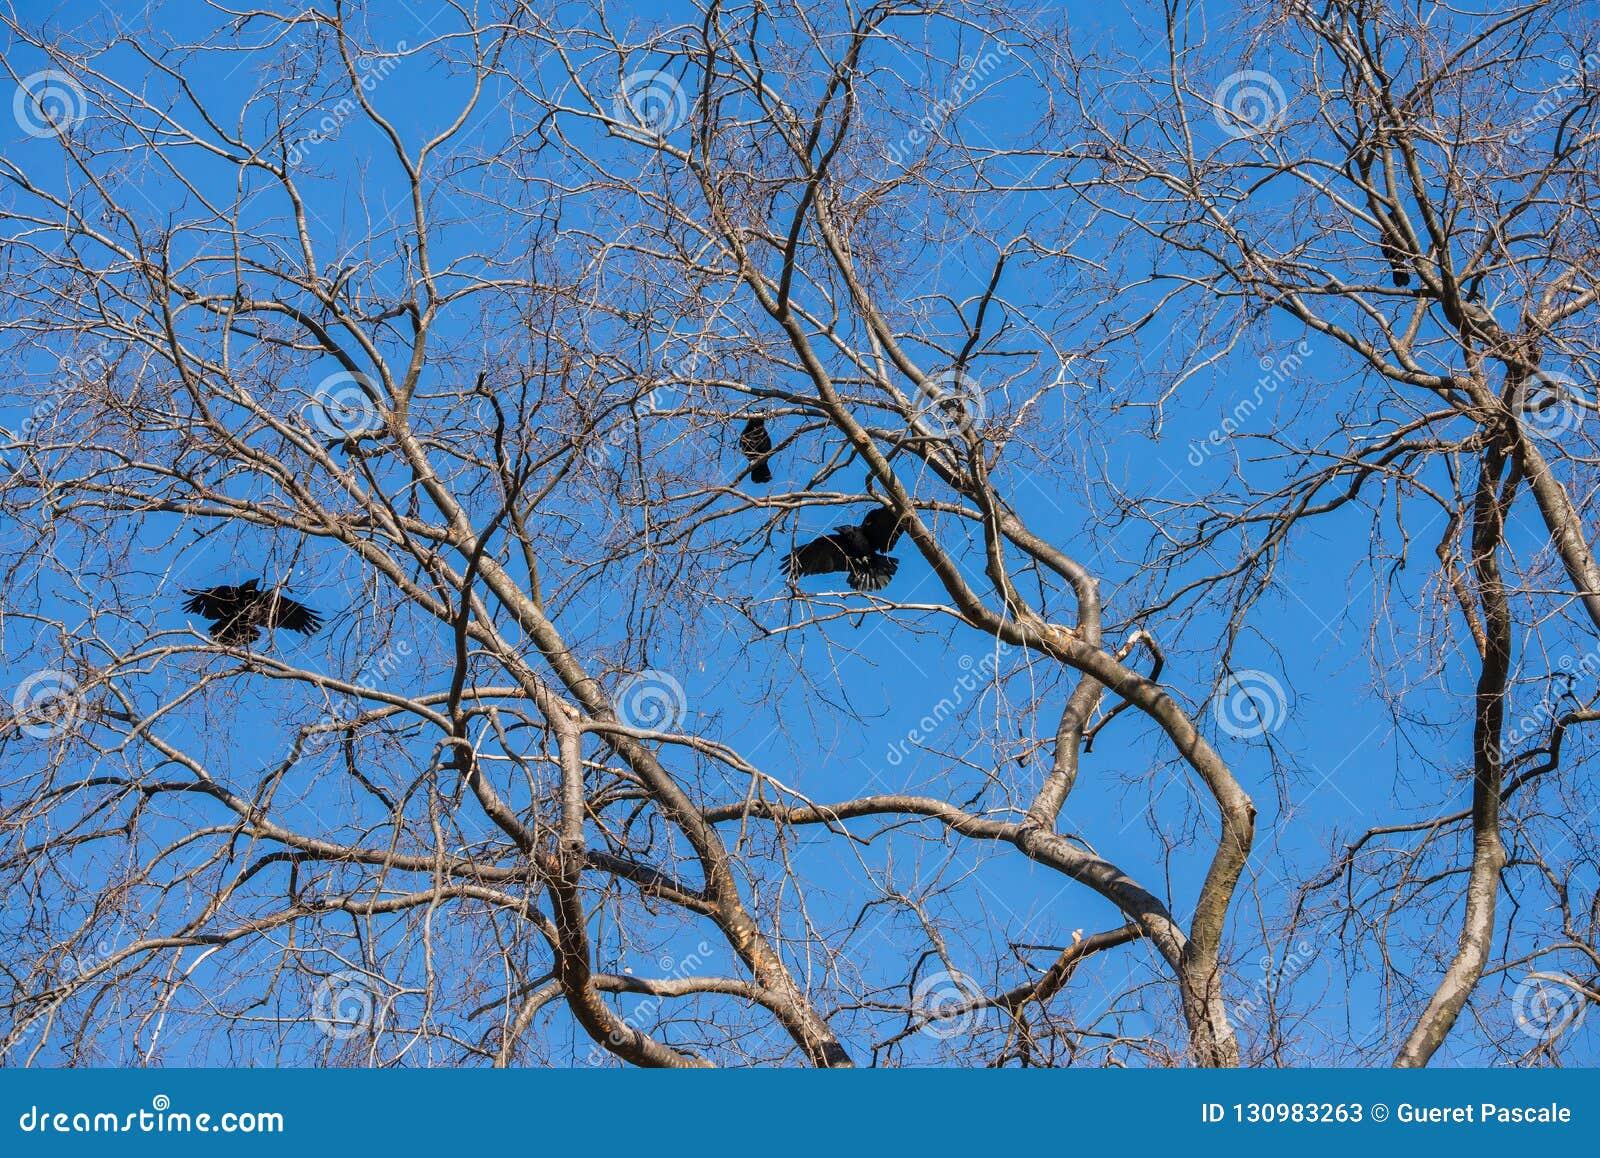 Big tree leafless